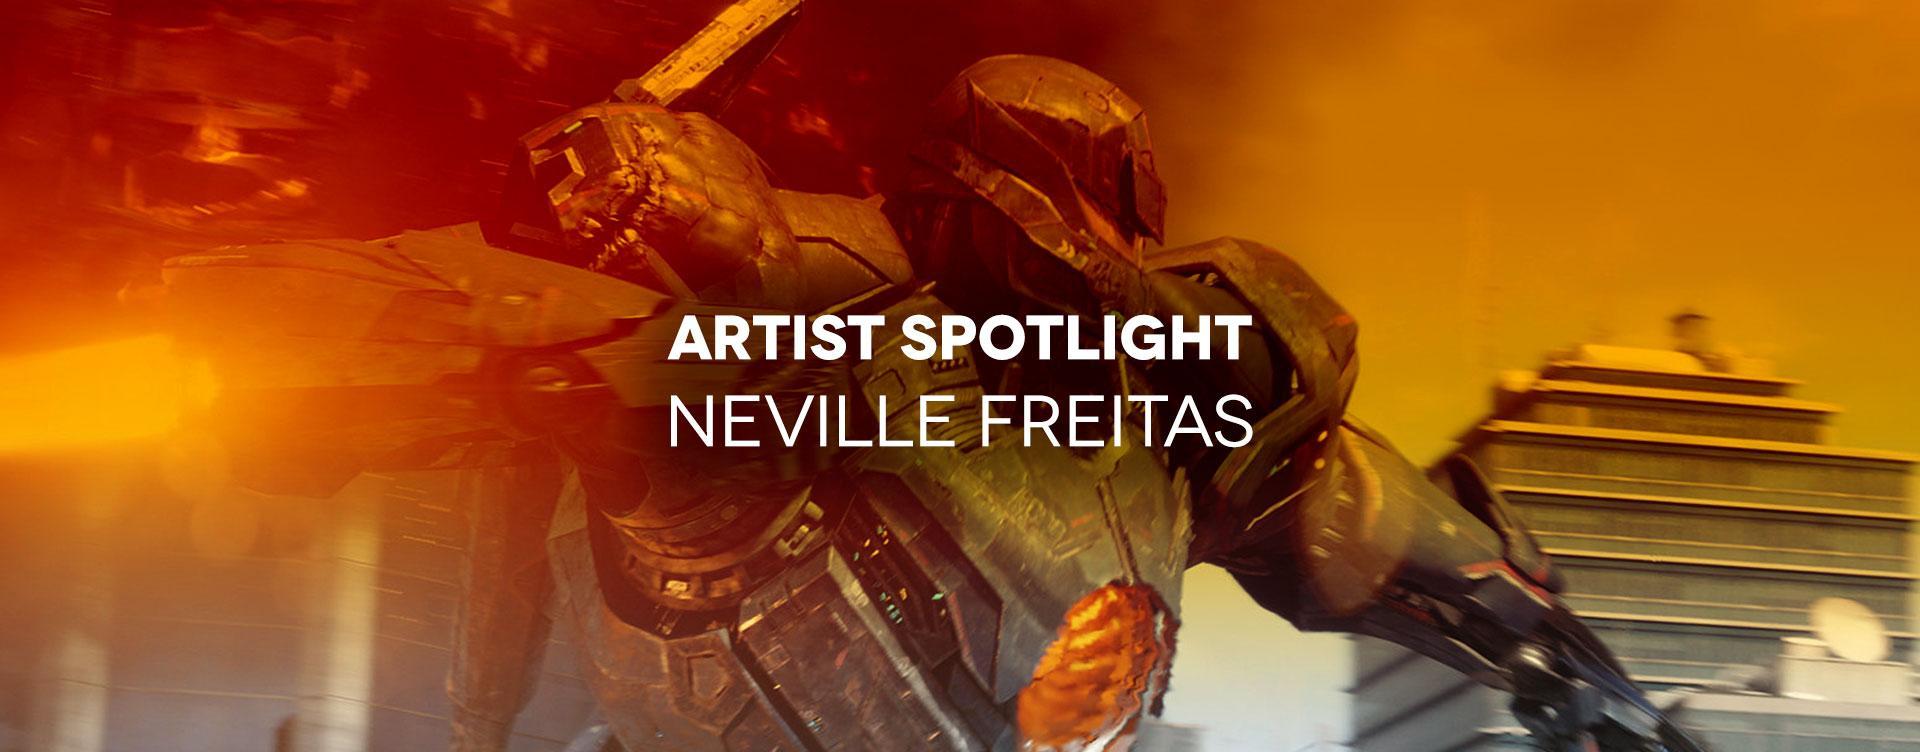 Neville Freitas header